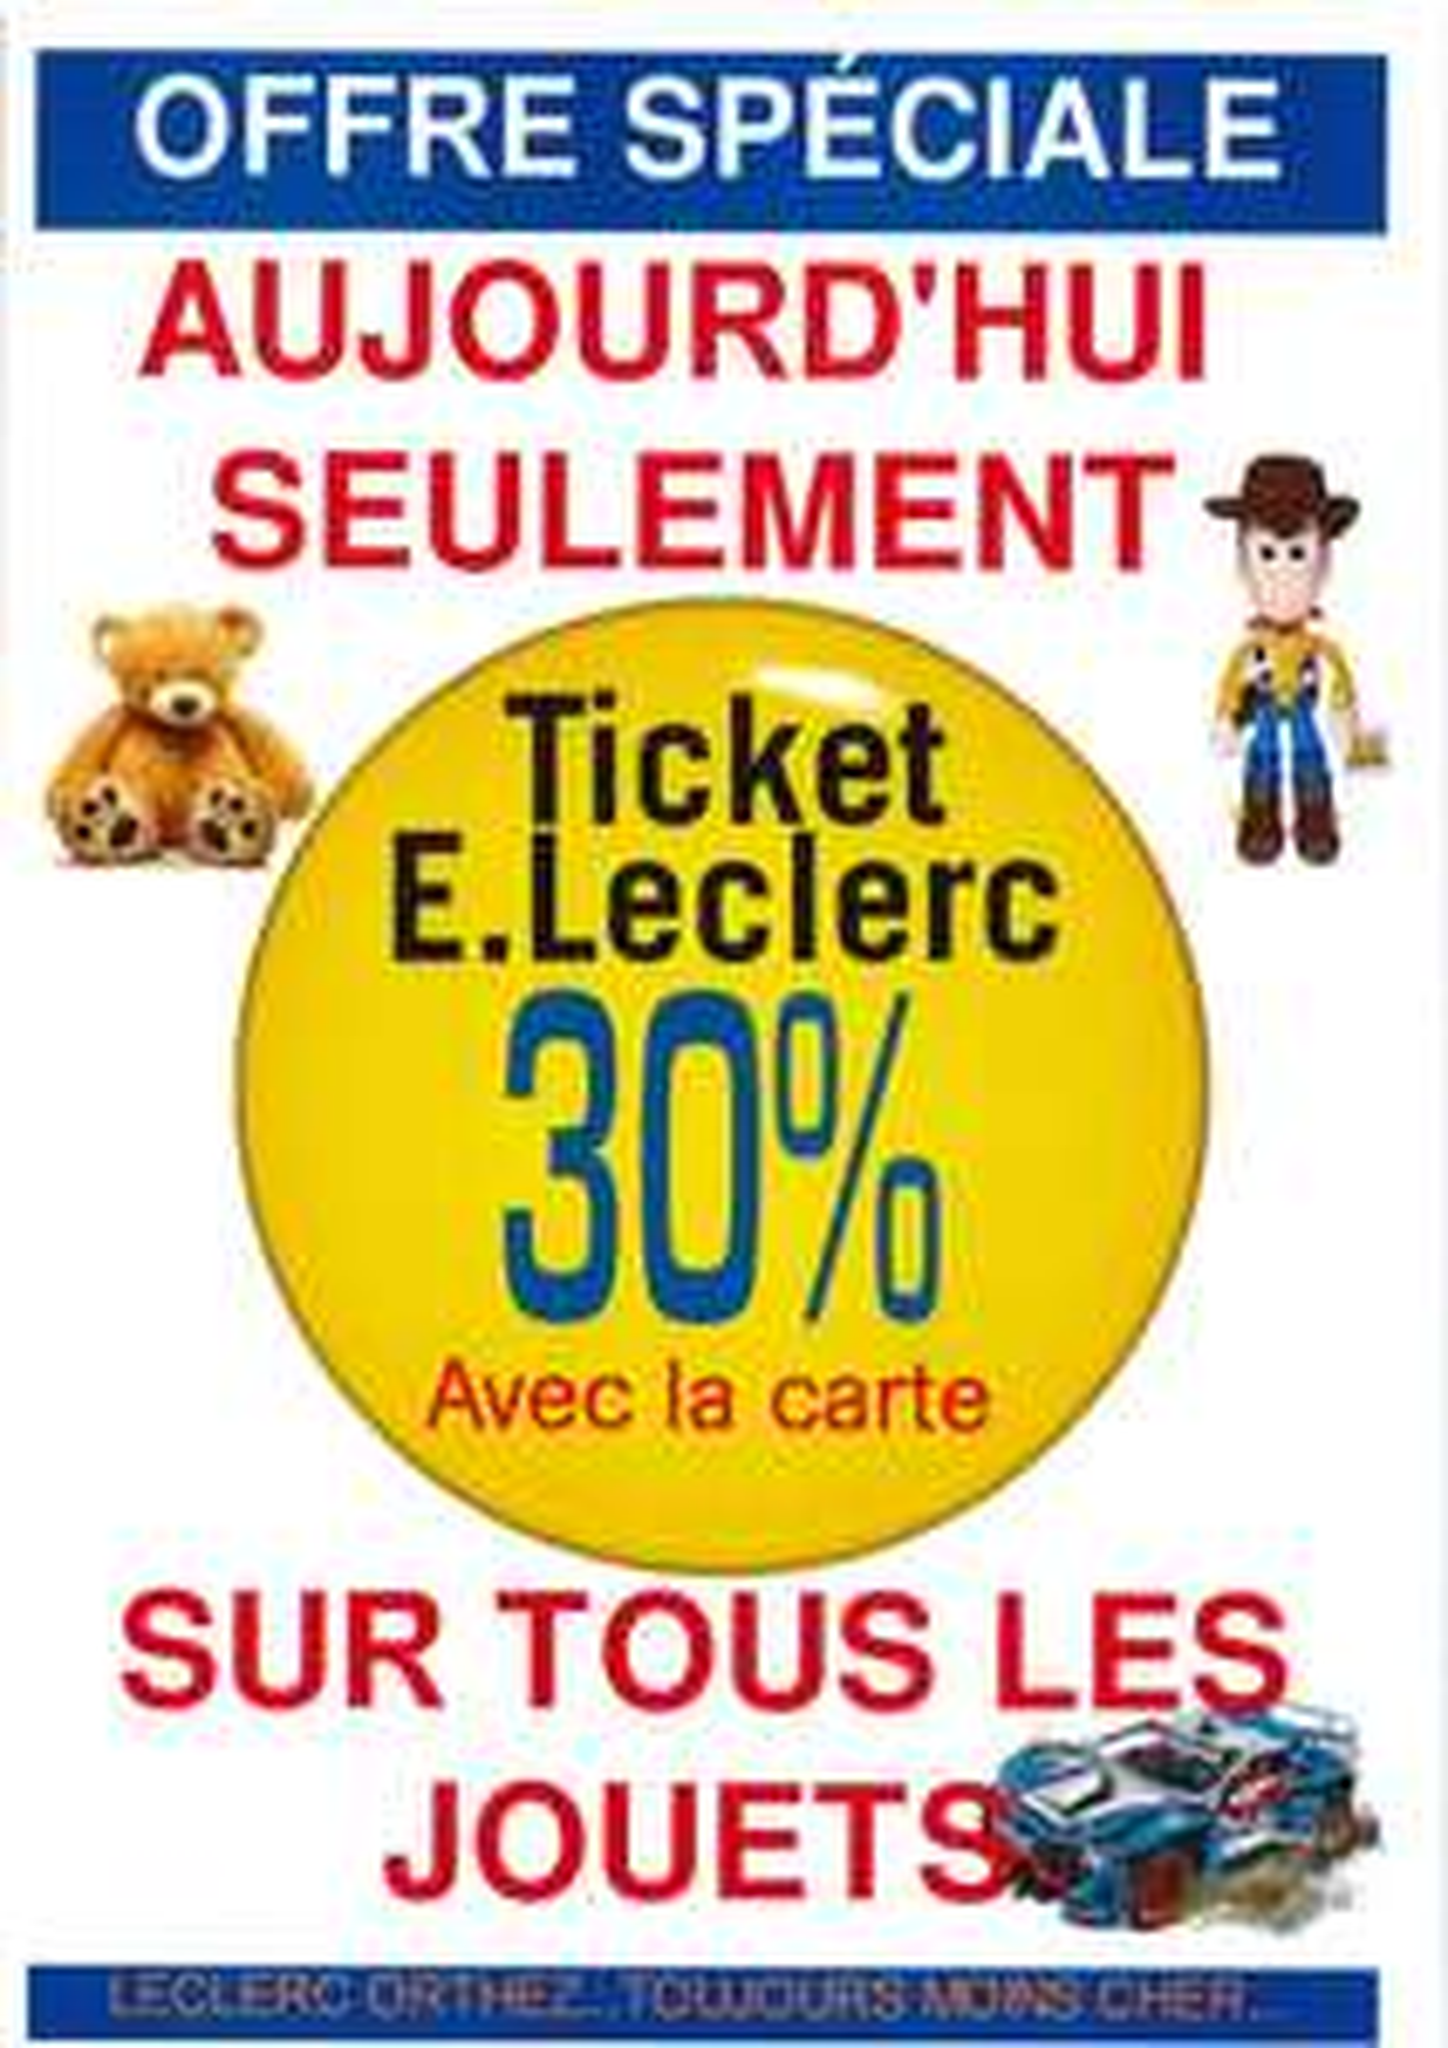 30% remboursés sur la carte fidélité sur le rayon Jouets - Orthez (64)